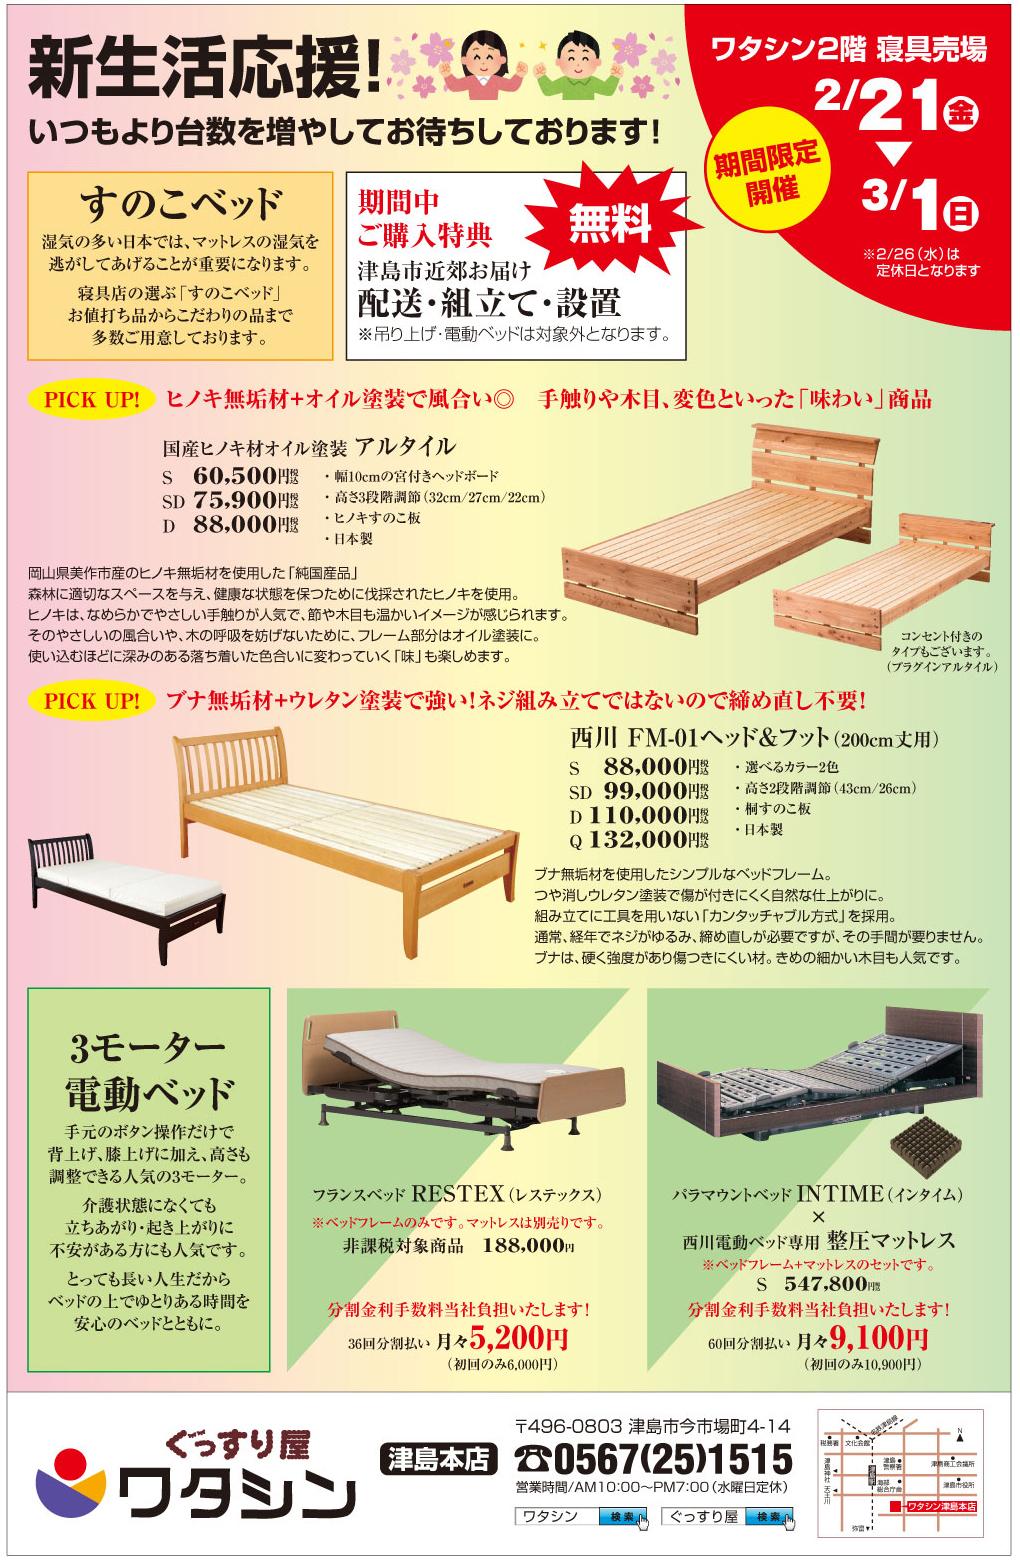 ワタシンぐっすり屋津島本店 新生活応援ベッドフェア開催中